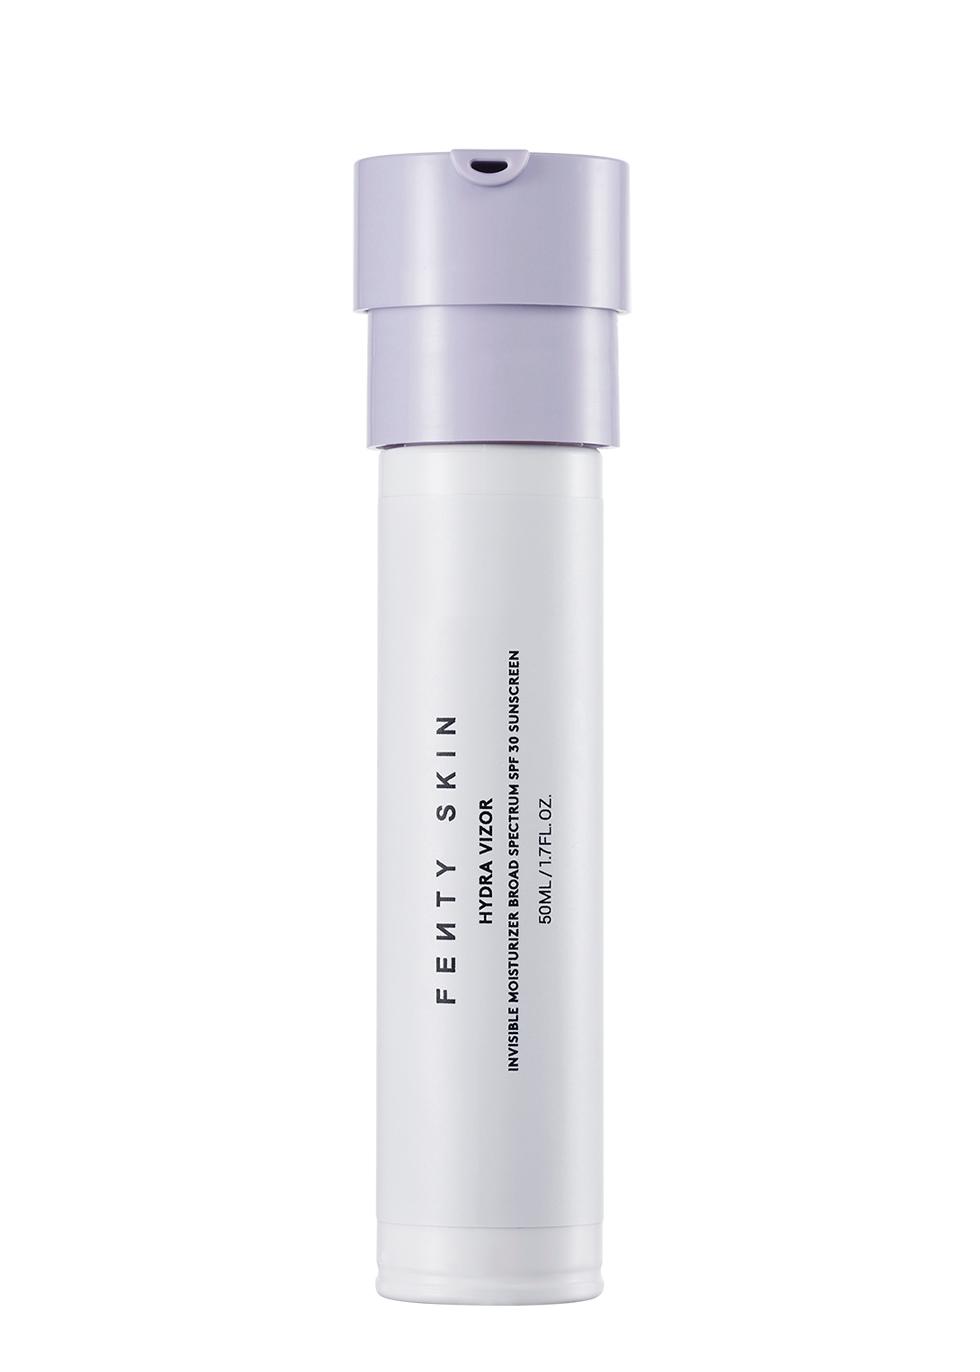 Hydra Vizor Invisible Moisturizer SPF30 Refill